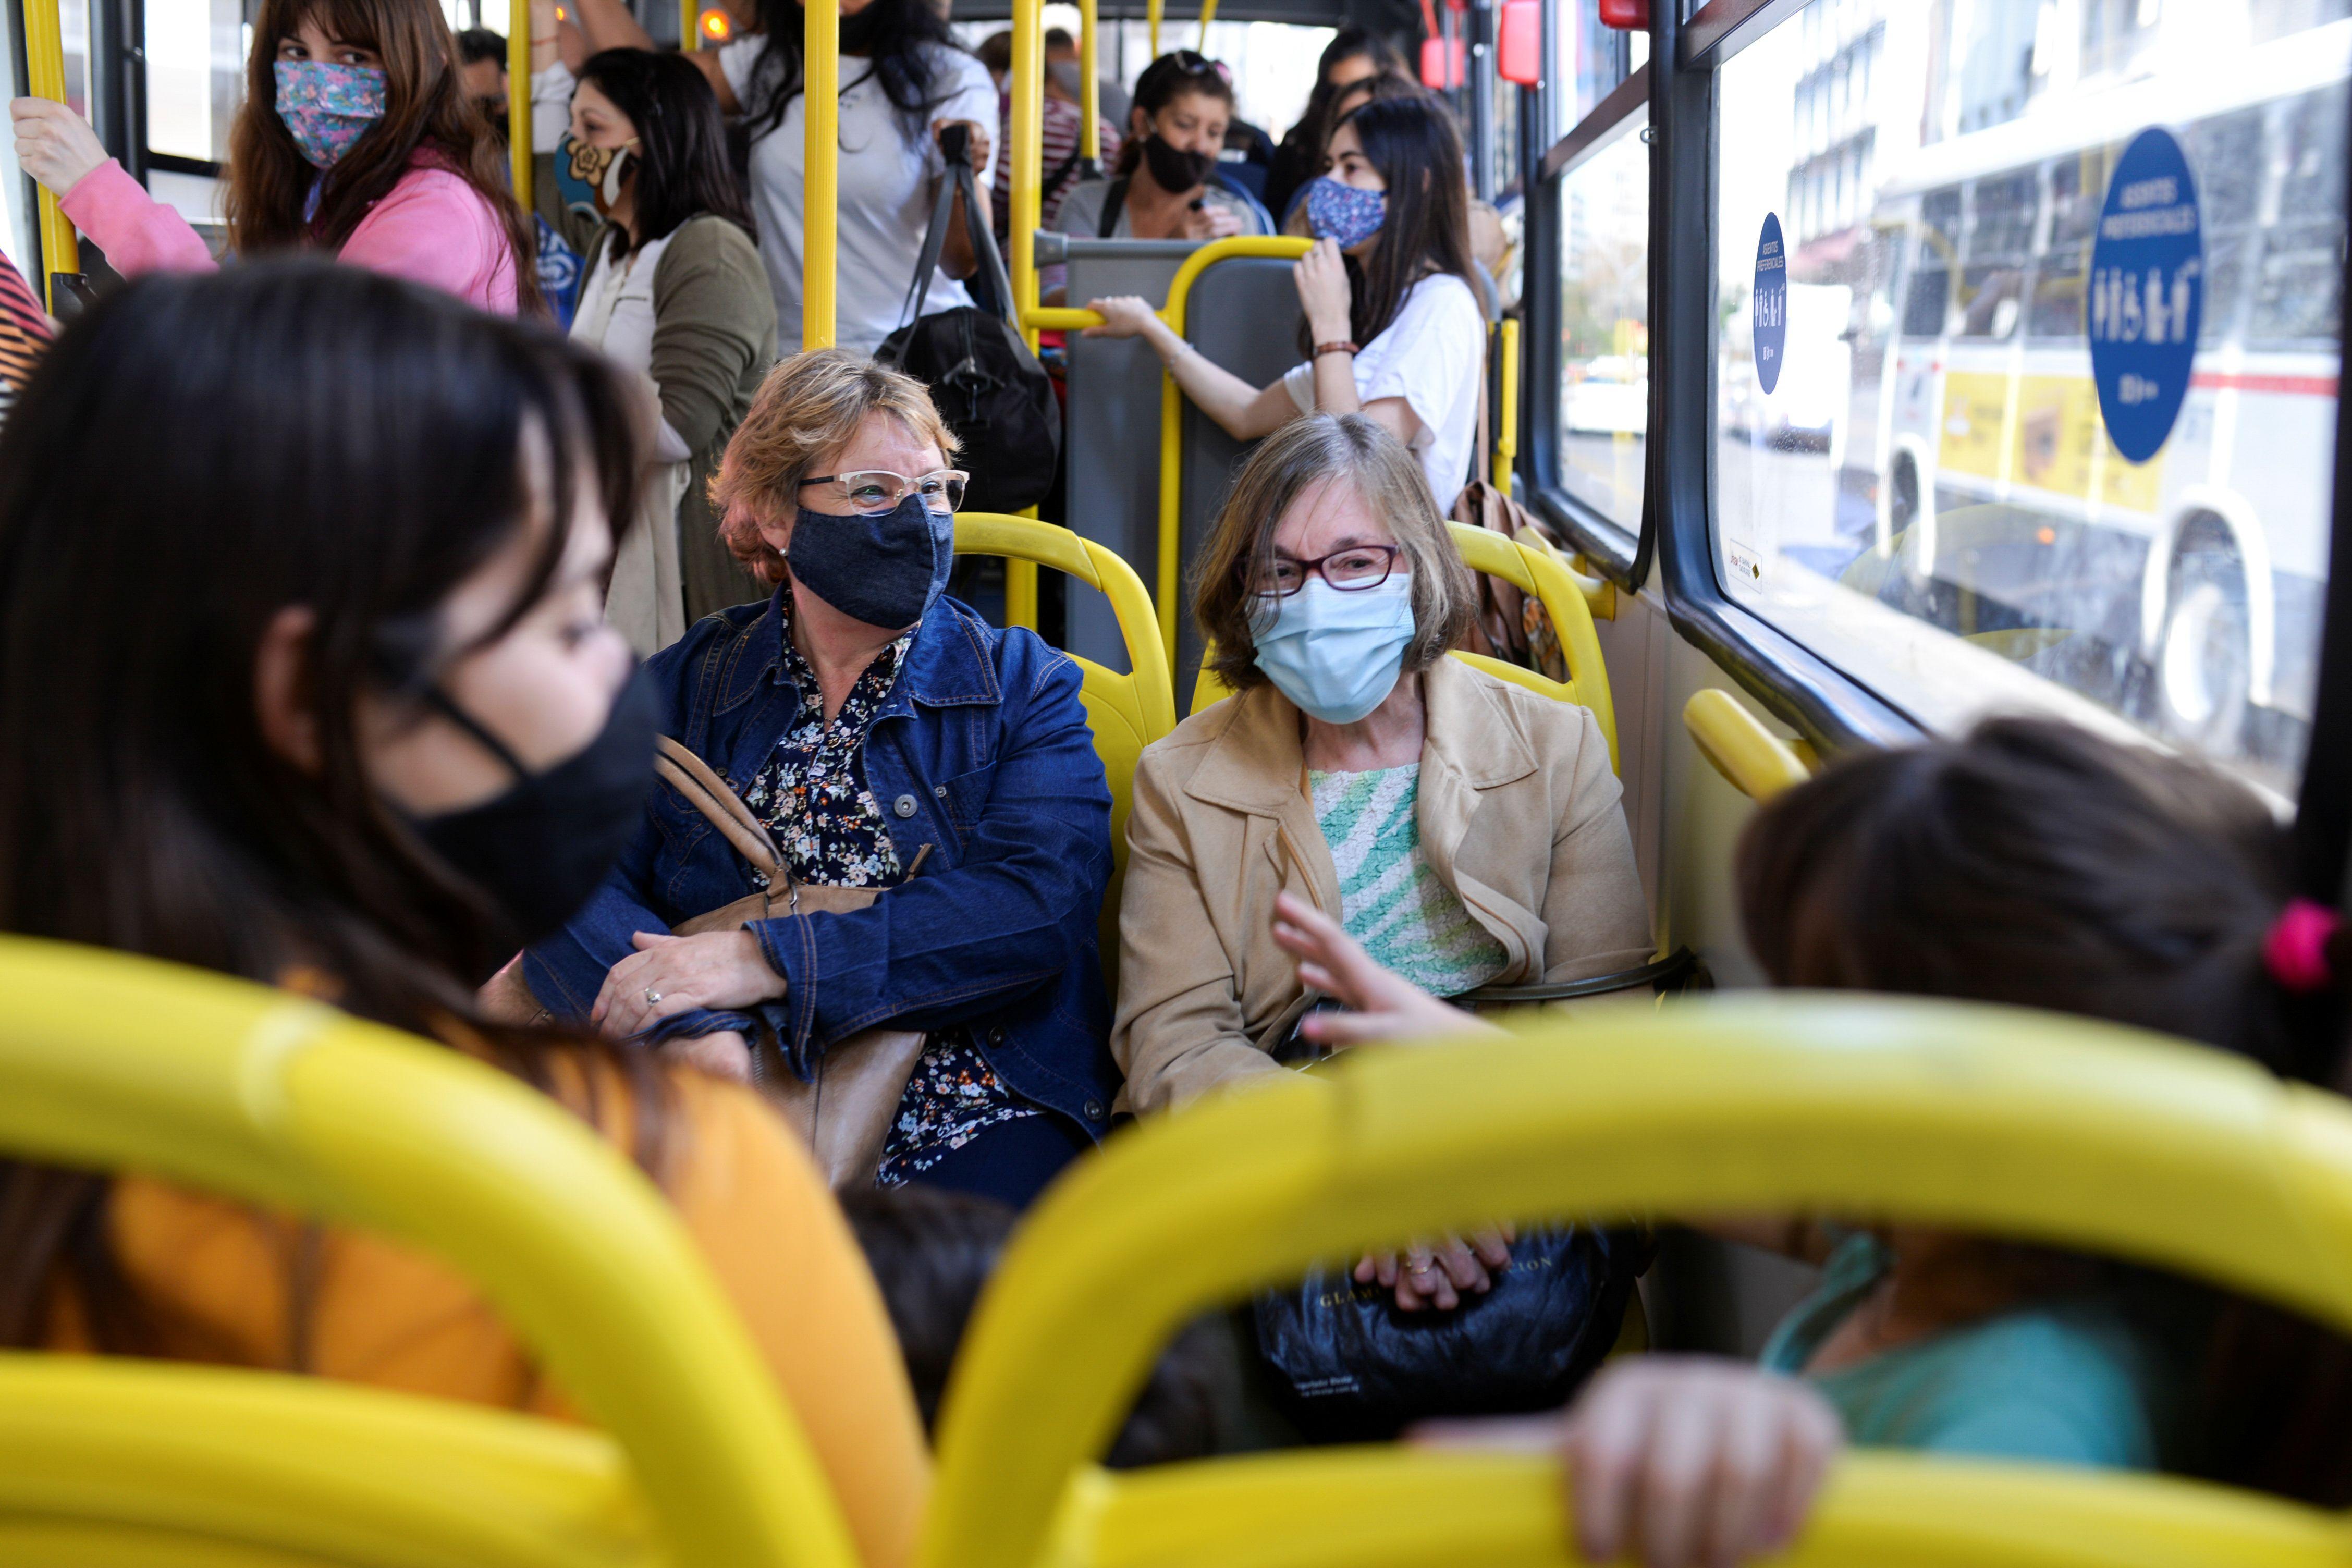 Pasajeros usan mascarillas protectoras en un autobús, mientras continúa la propagación de la enfermedad del coronavirus (COVID-19) en Montevideo, Uruguay (REUTERS/Ana Ferreira)